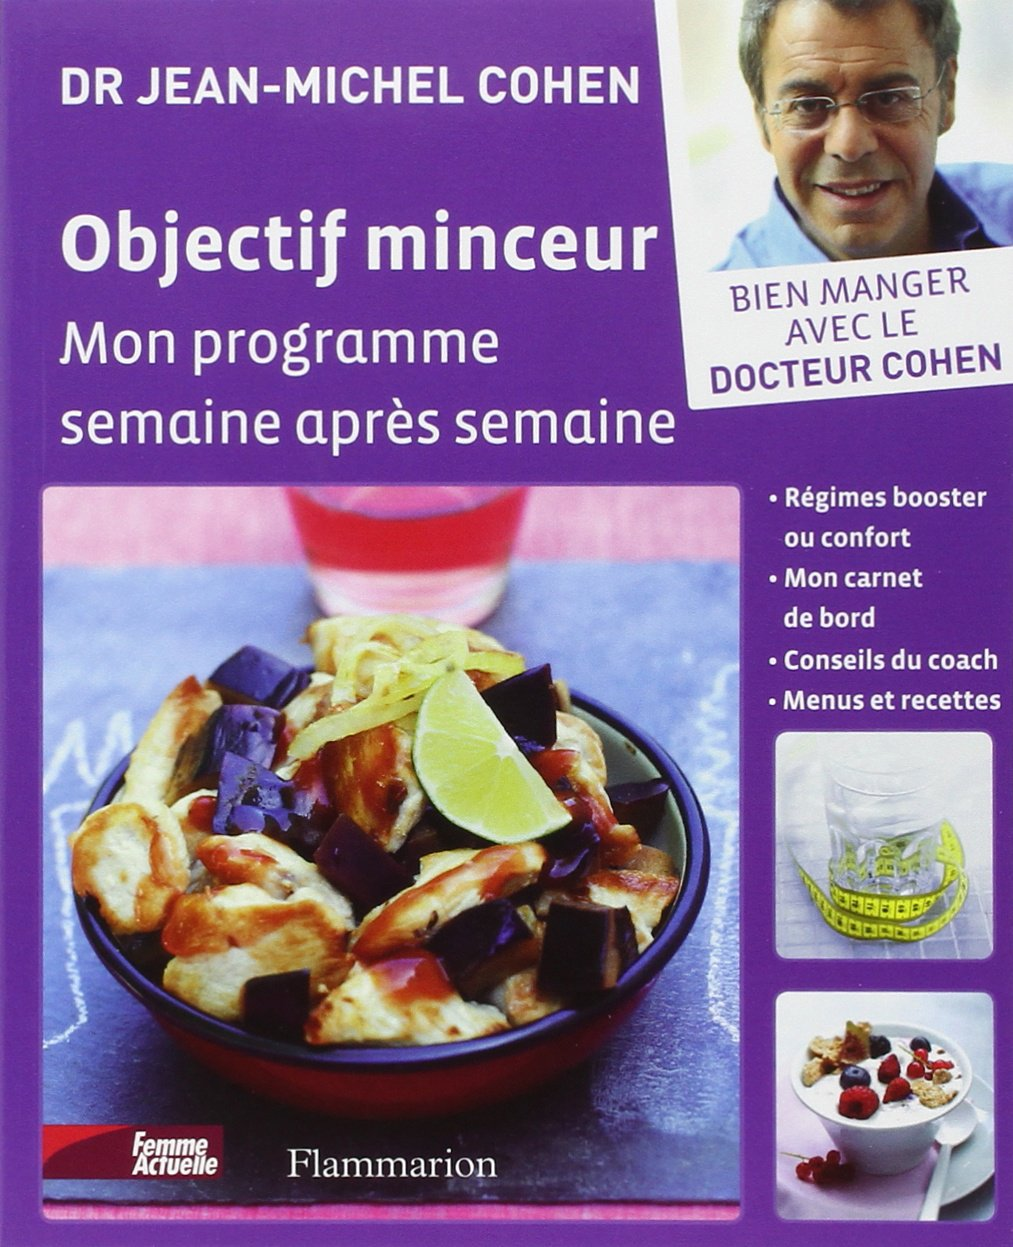 Amazon.fr - Objectif minceur : Mon programme pour maigrir semaine après  semaine - Jean-Michel Cohen, Bernard Radvaner, Anne-Sophie Lhomme - Livres